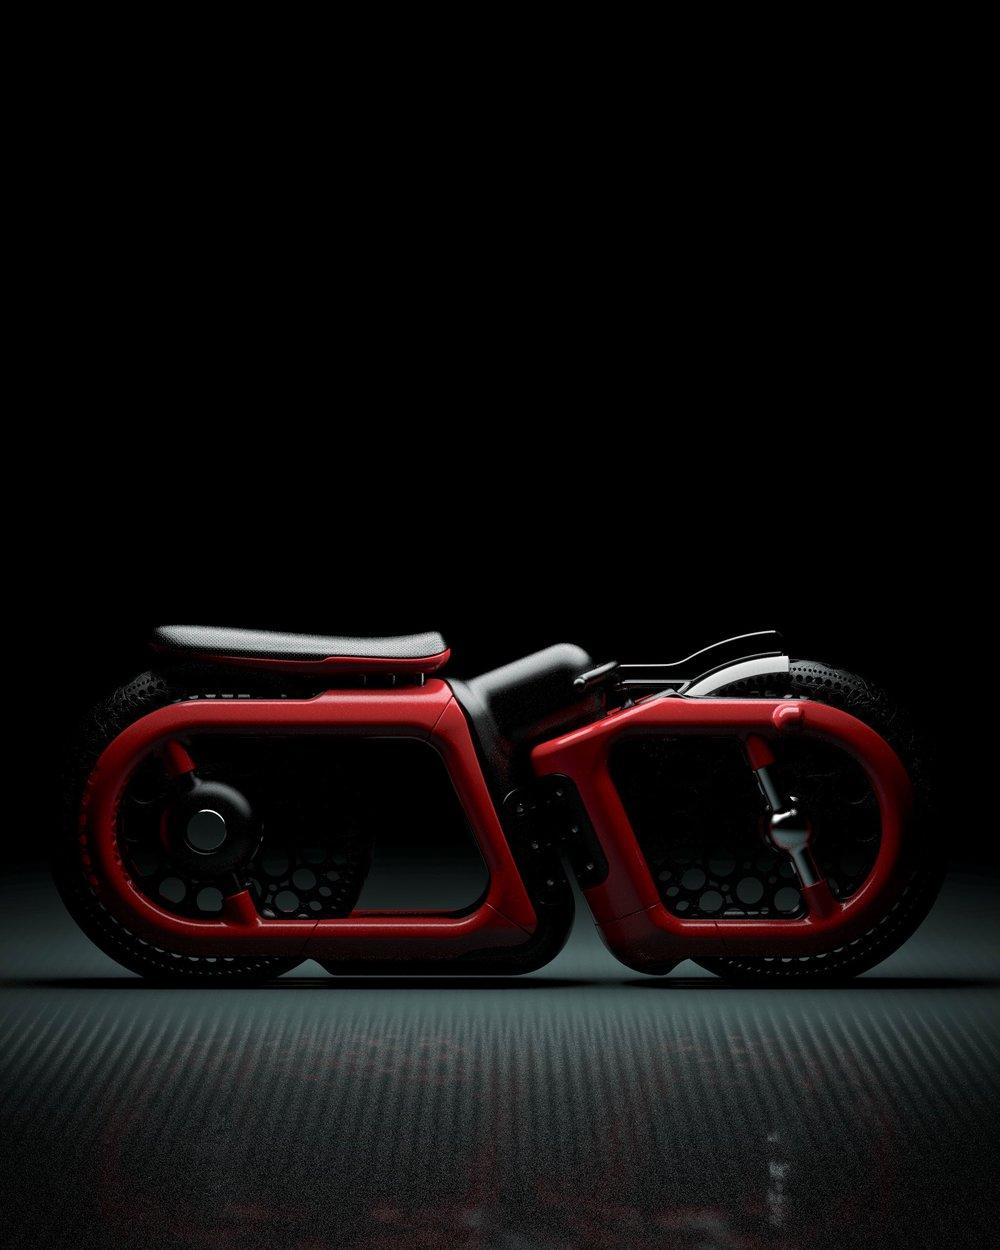 bike2.4.jpeg